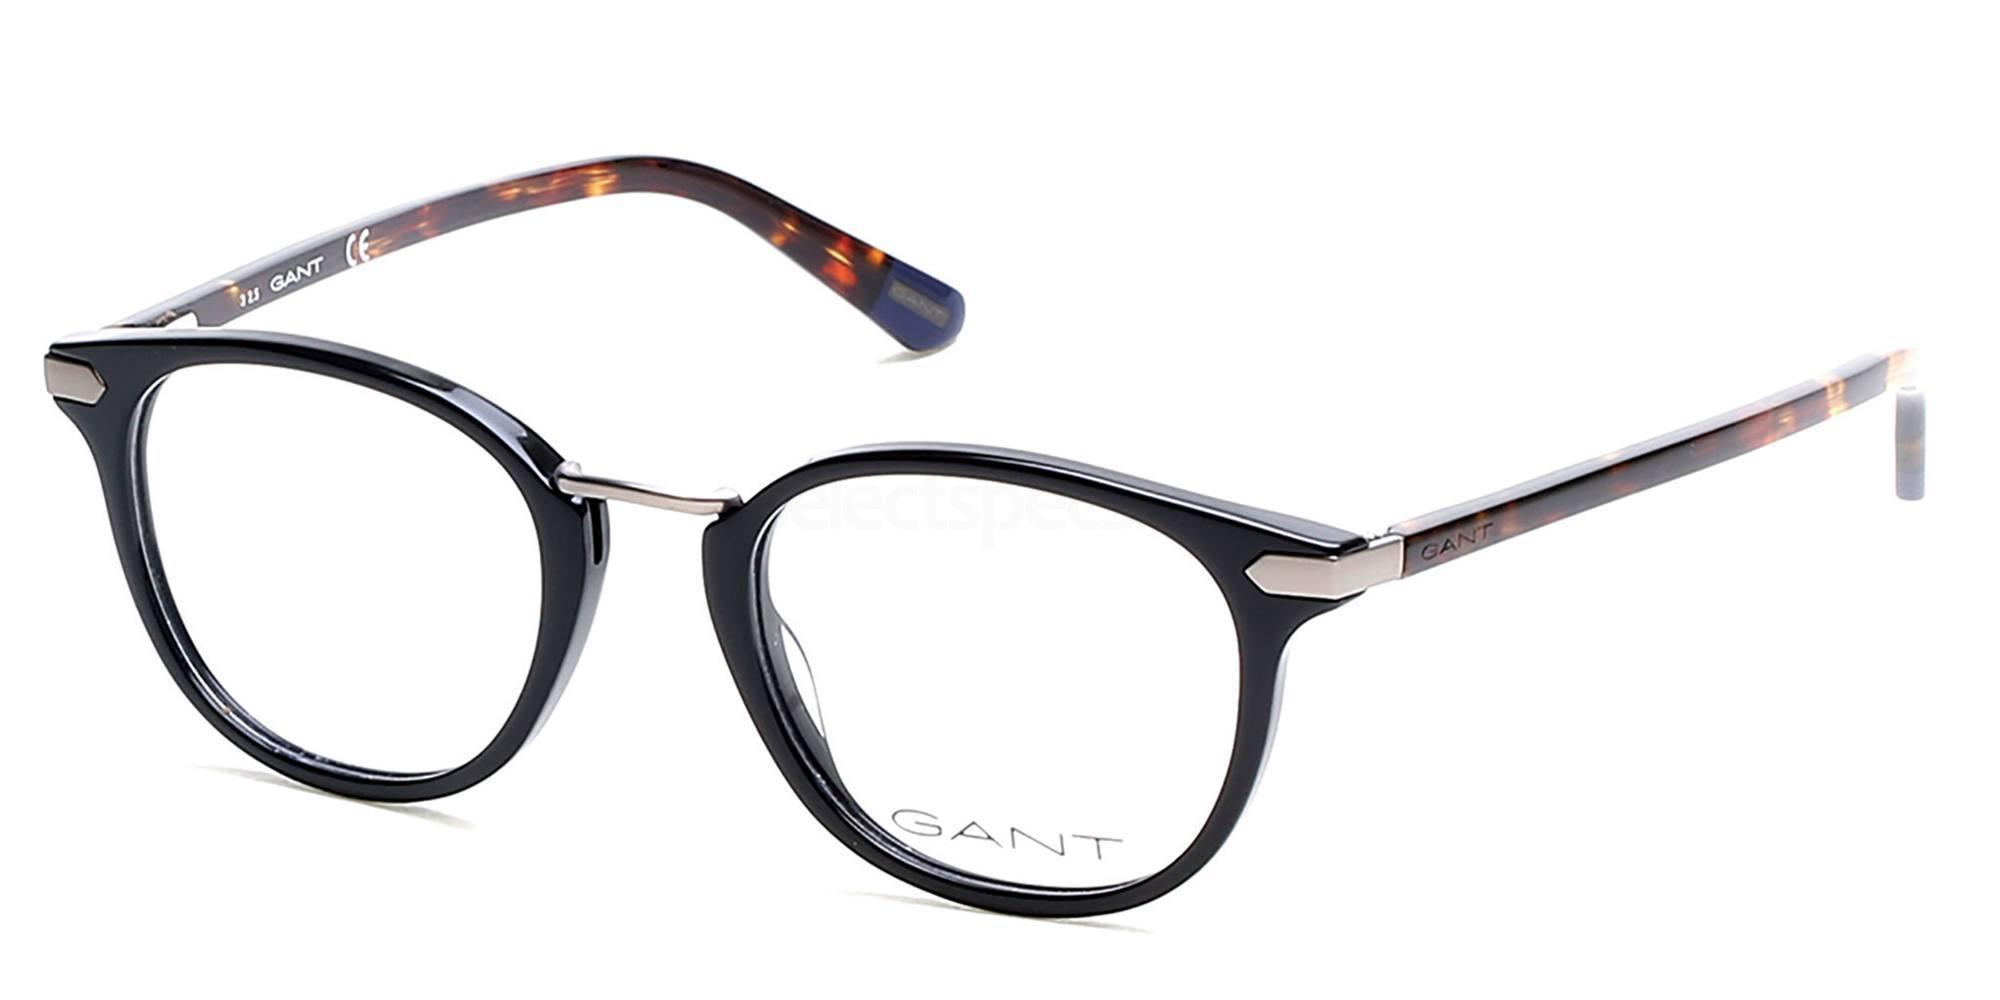 Gant GA3115 glasses | Free lenses | SelectSpecs